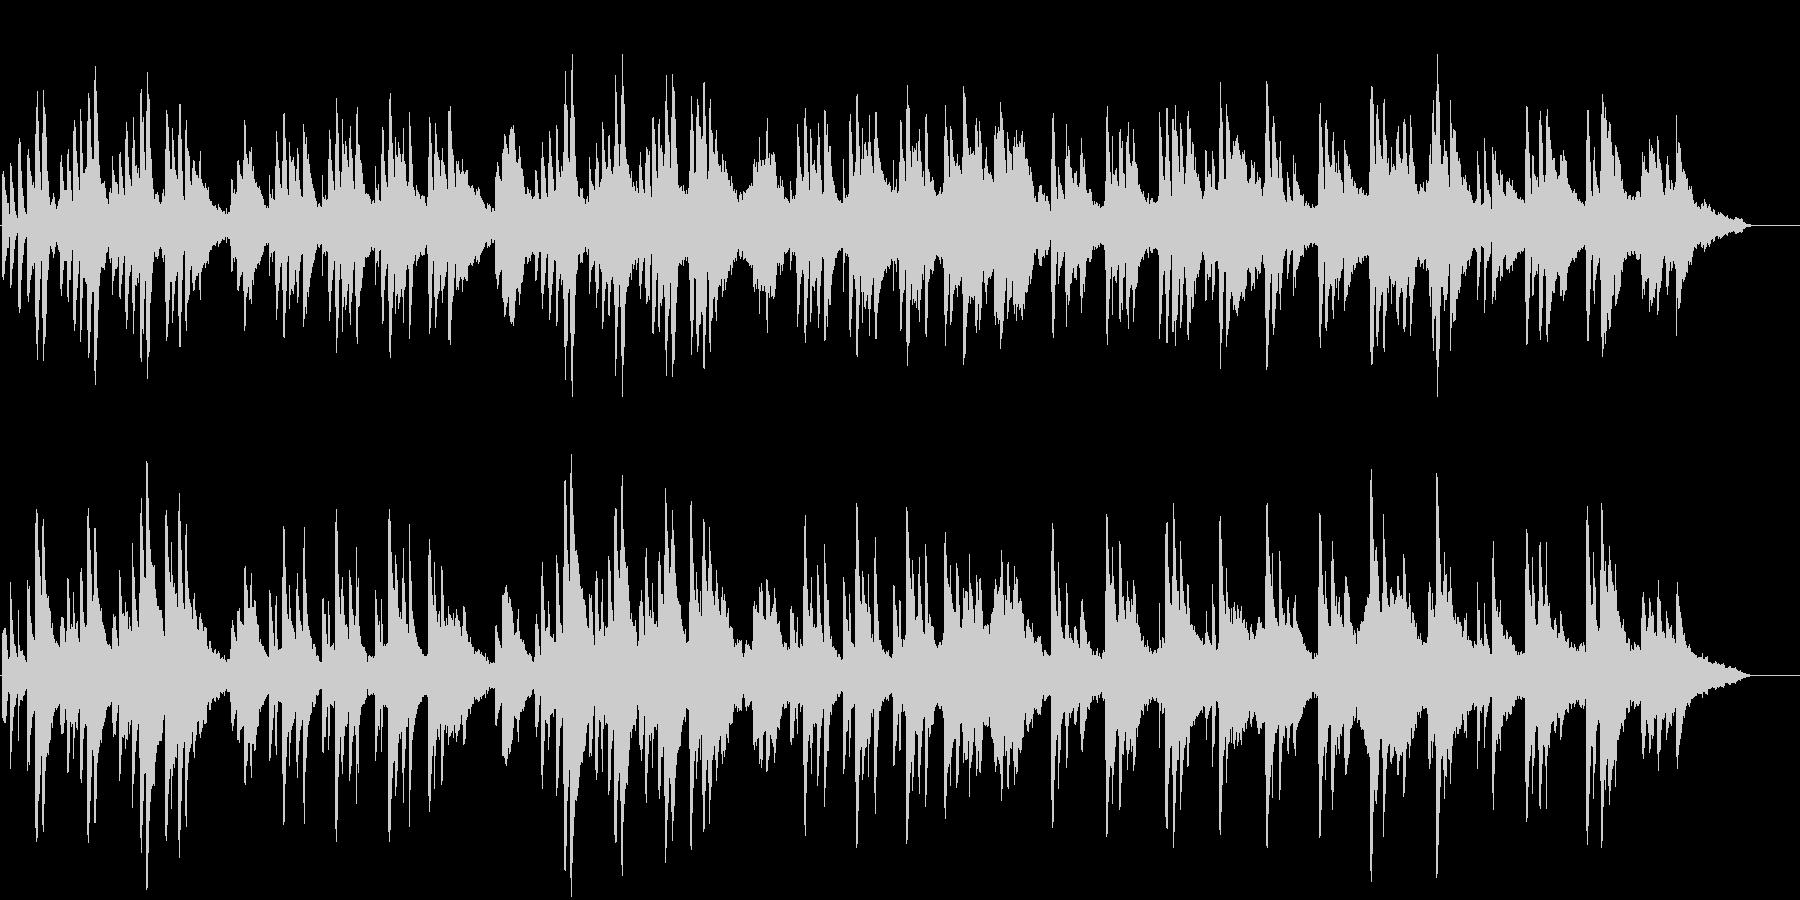 ピアノとストリングスの優しい曲02の未再生の波形